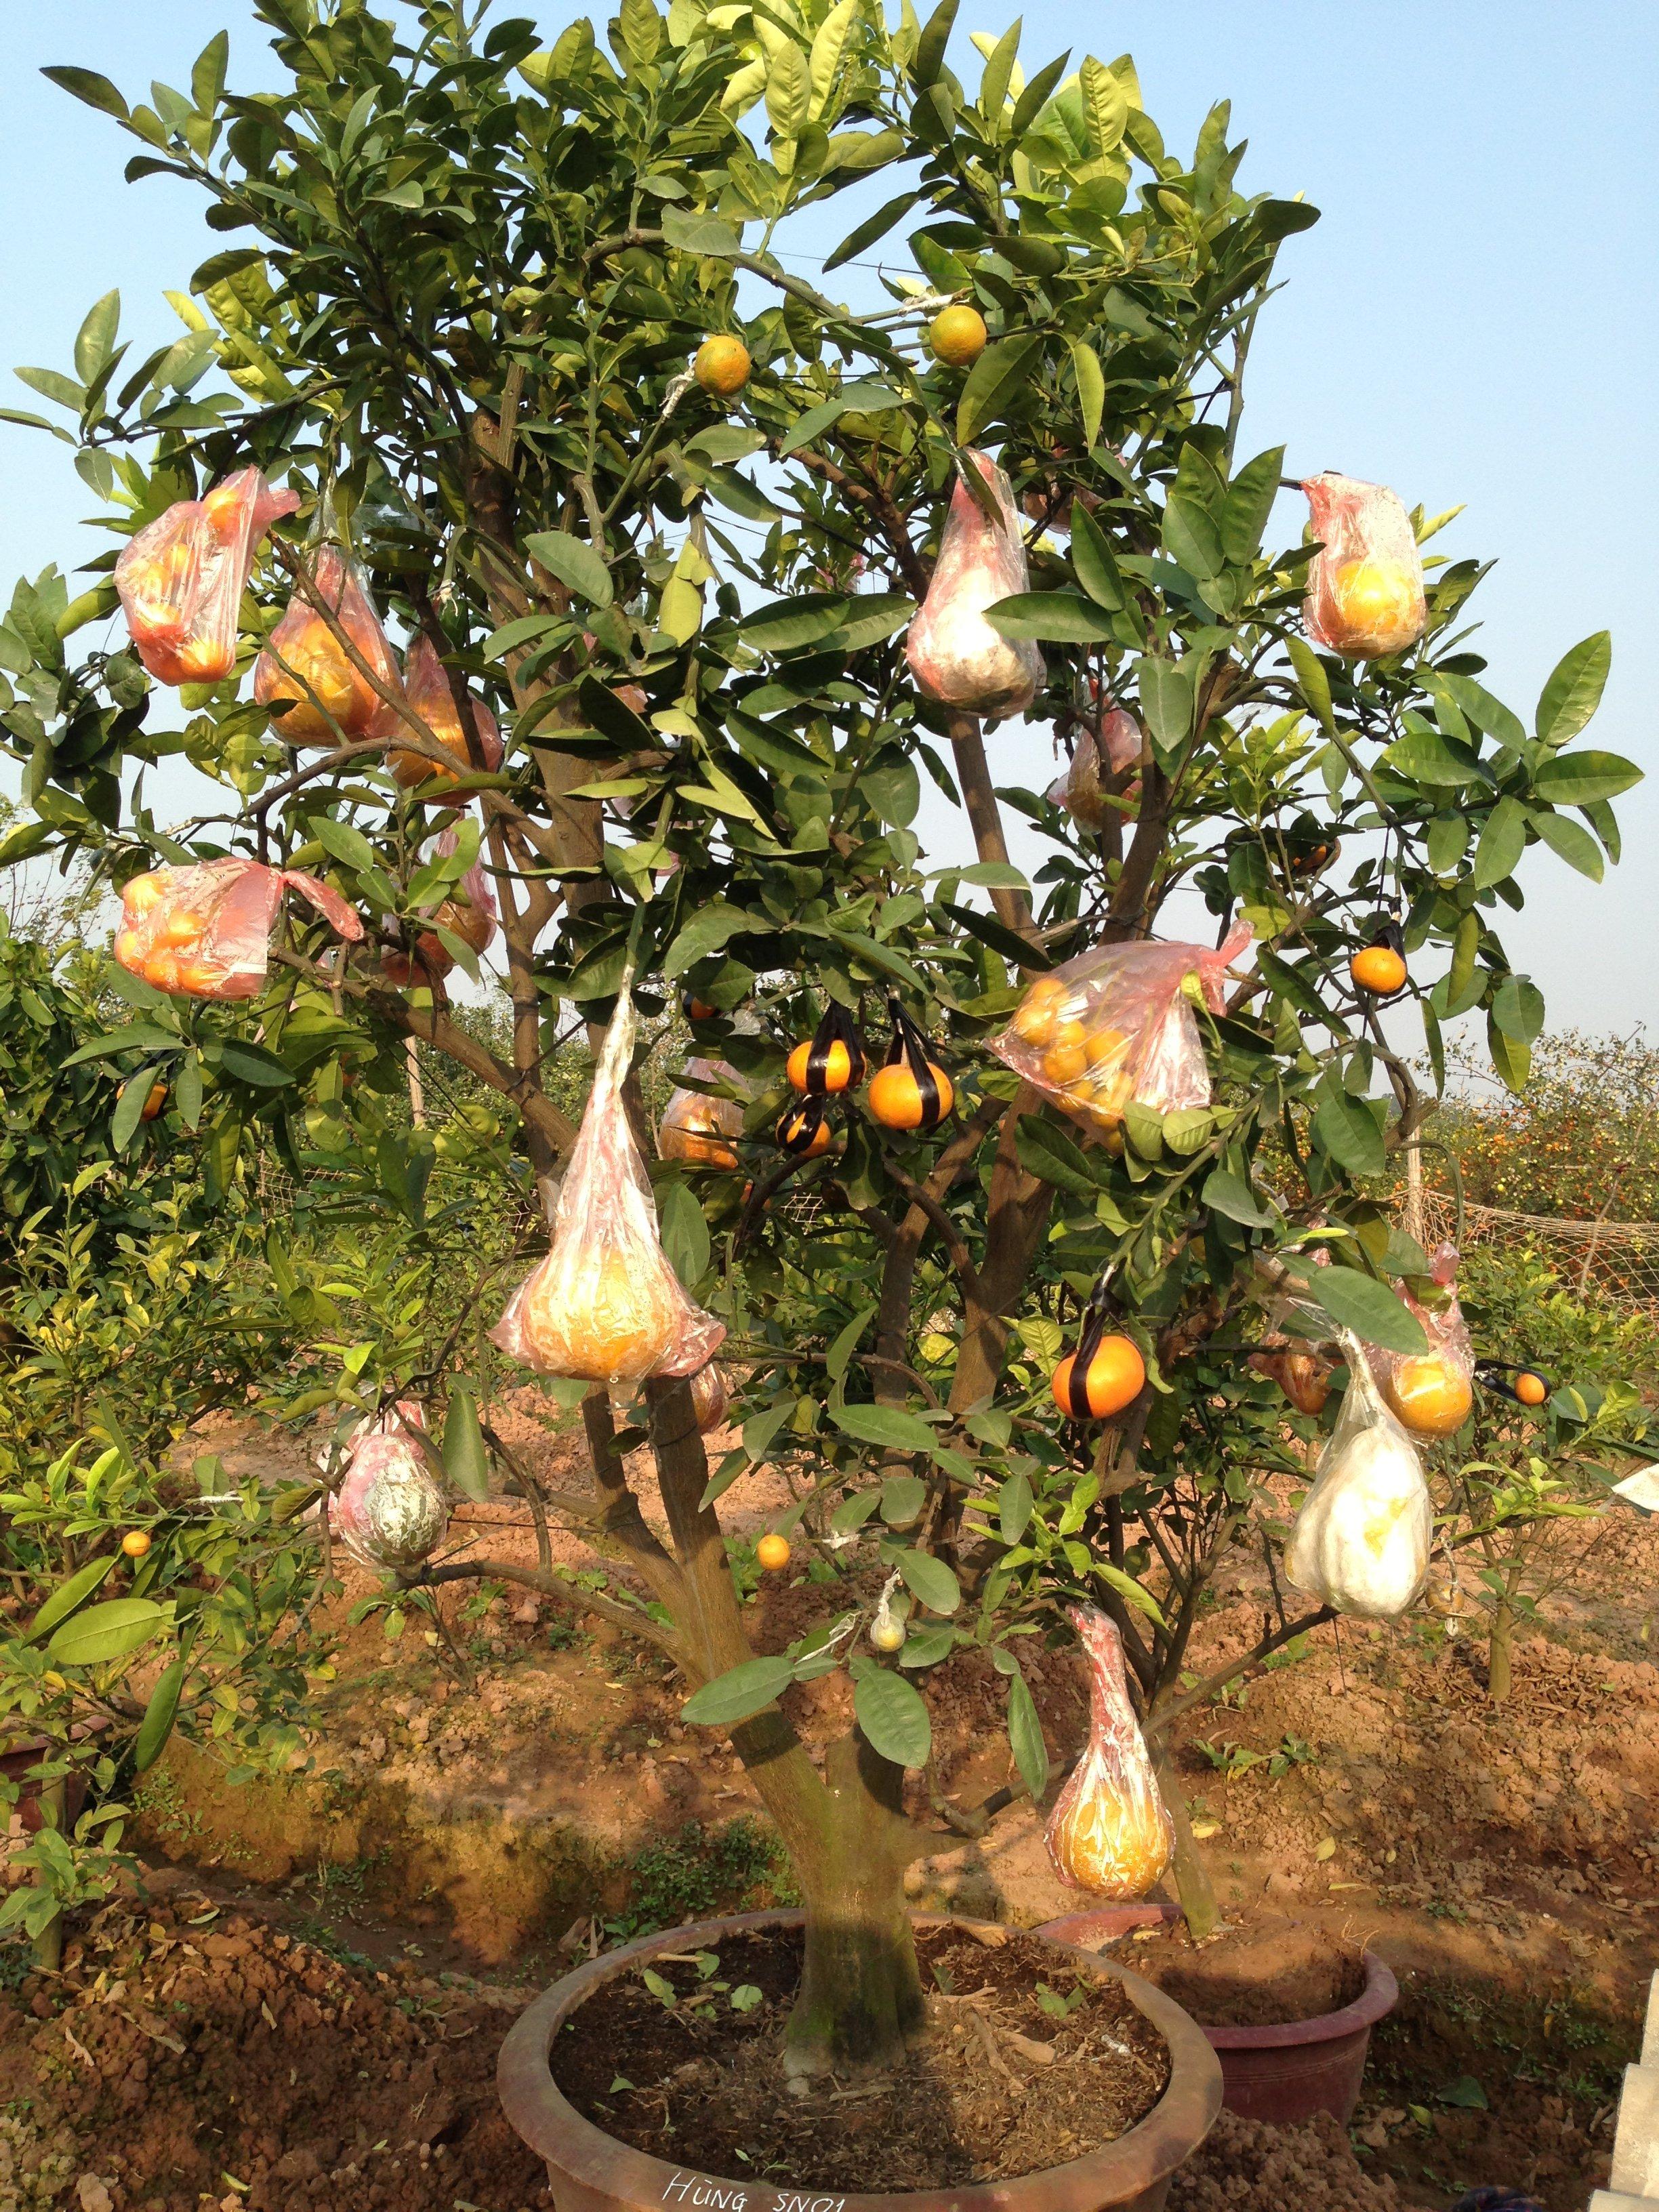 Chiêm ngưỡng vườn cây Ngũ – Thất - Cửu quả bạc tỷ của lão nông Hà thành 9